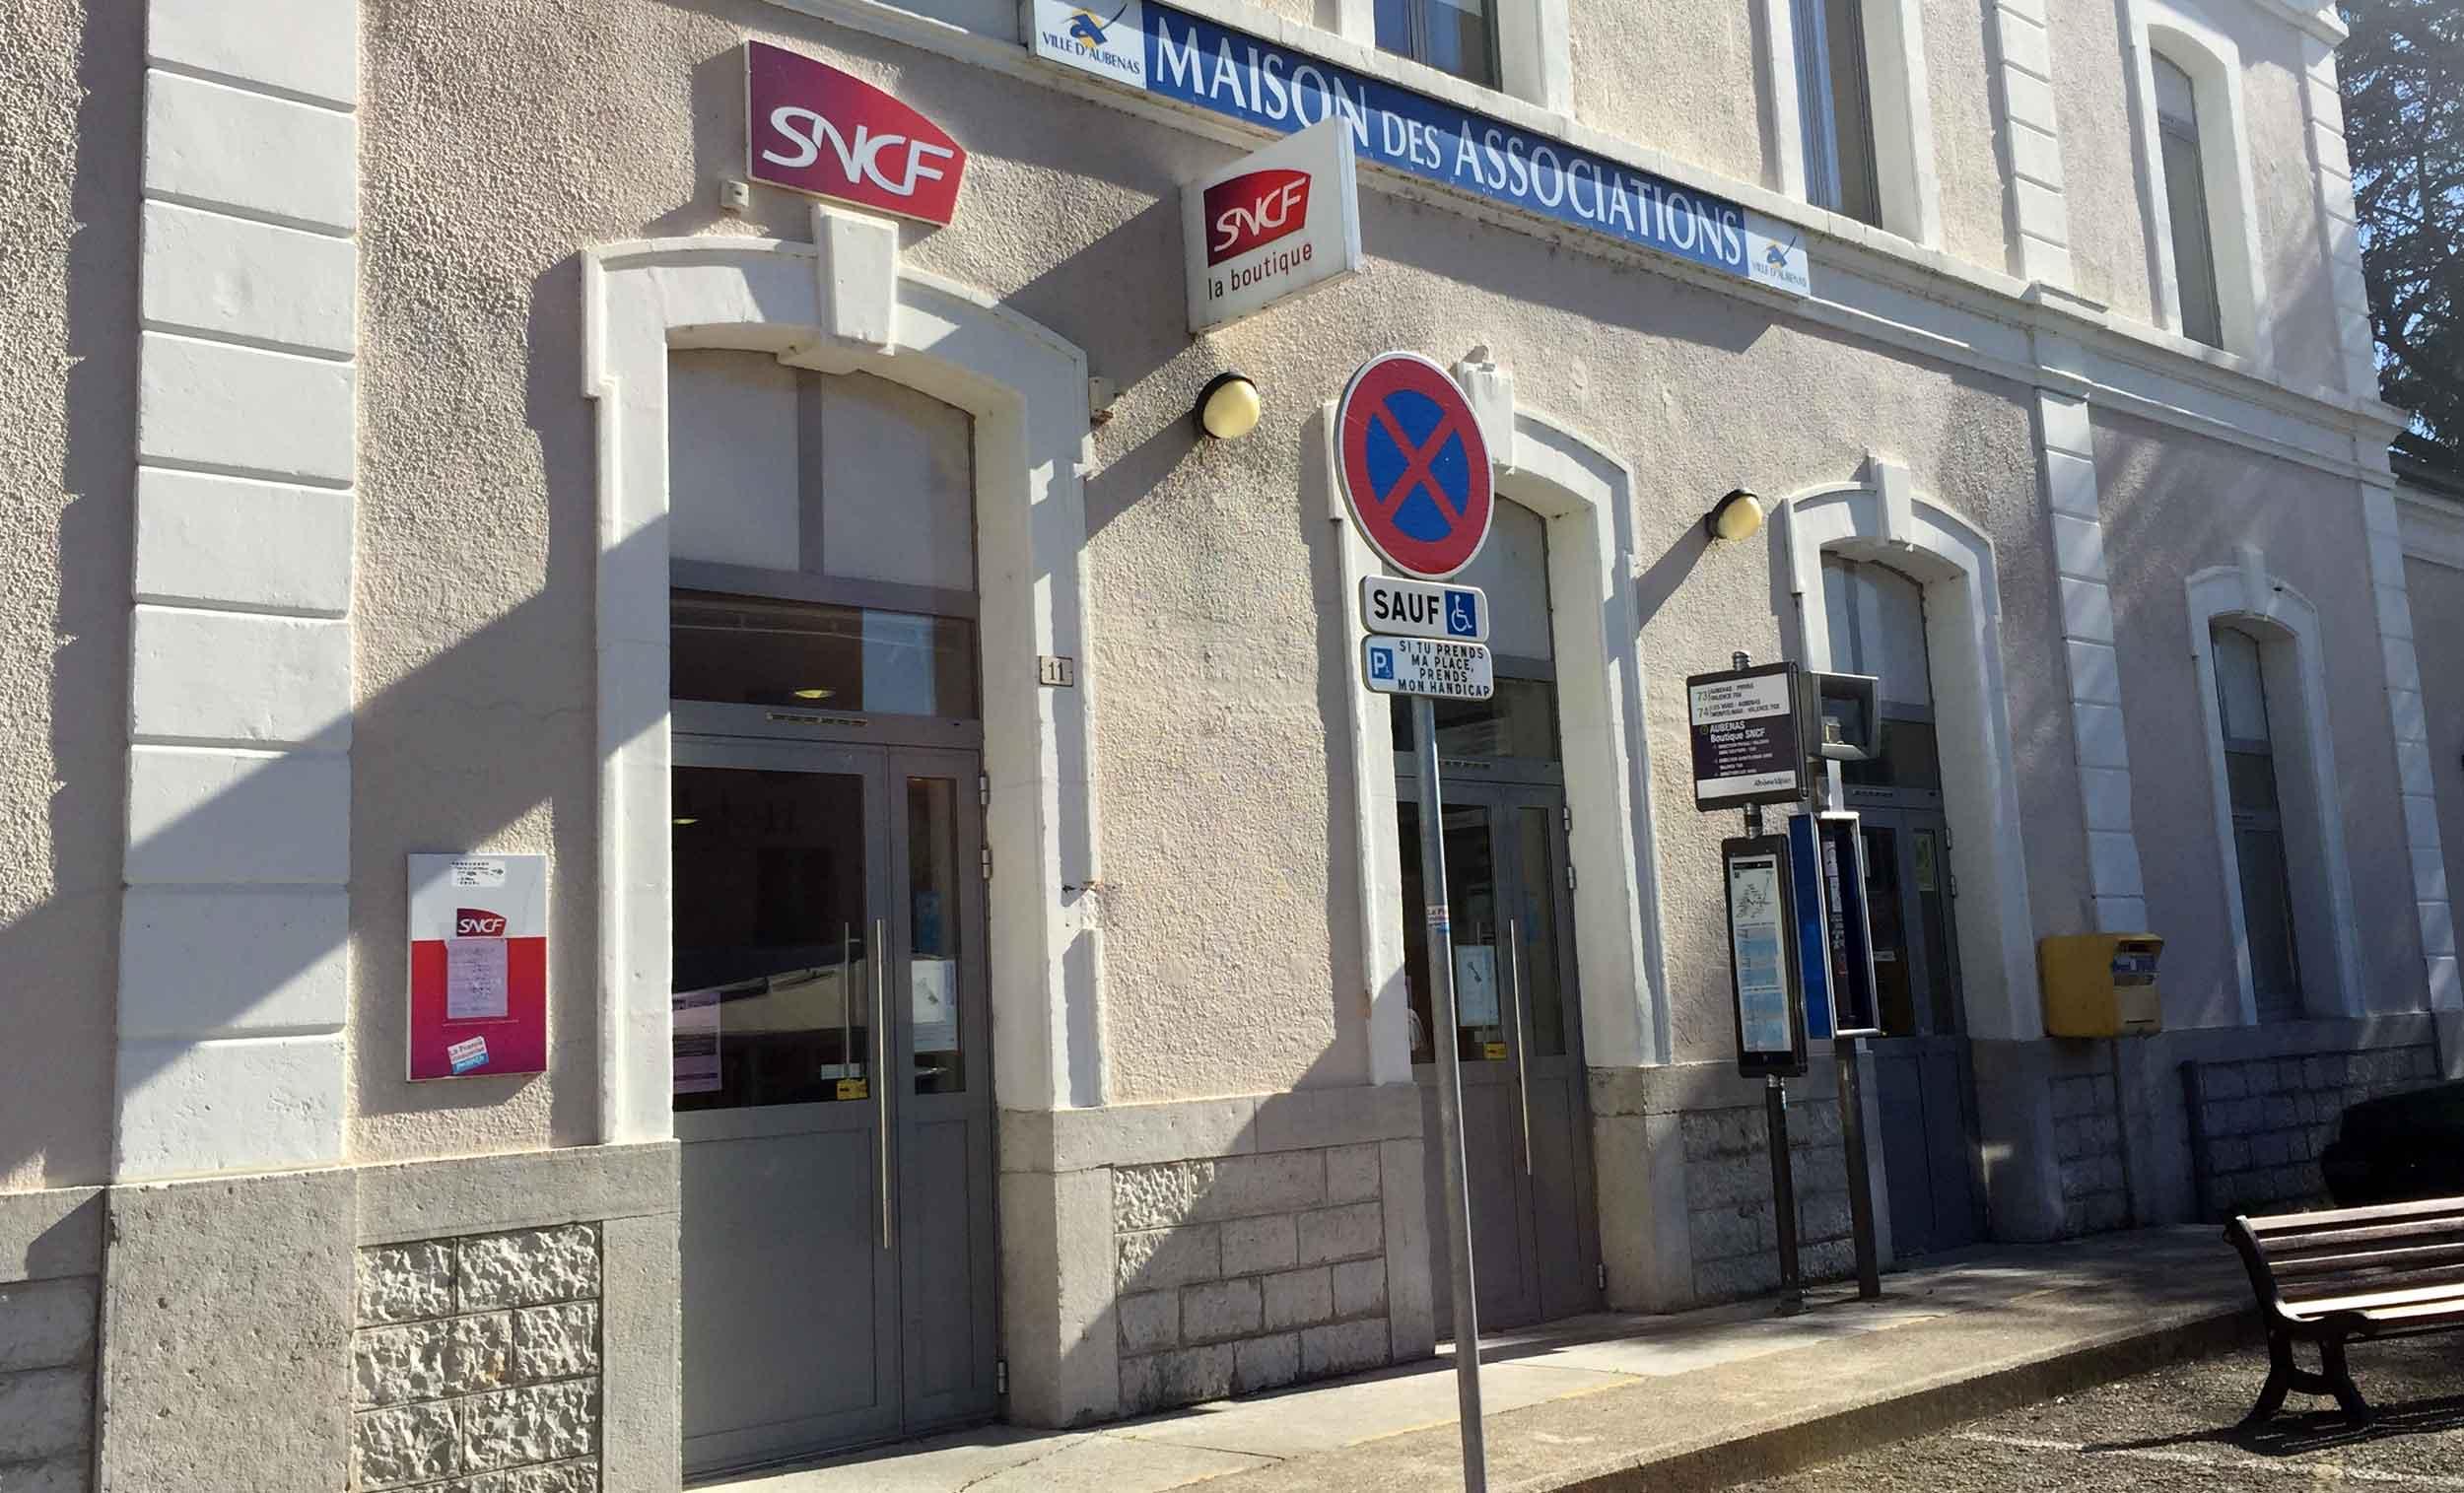 Suppression du guichet SNCF d'Aubenas : les acteurs ardéchois s'organisent pour trouver une solution concrète